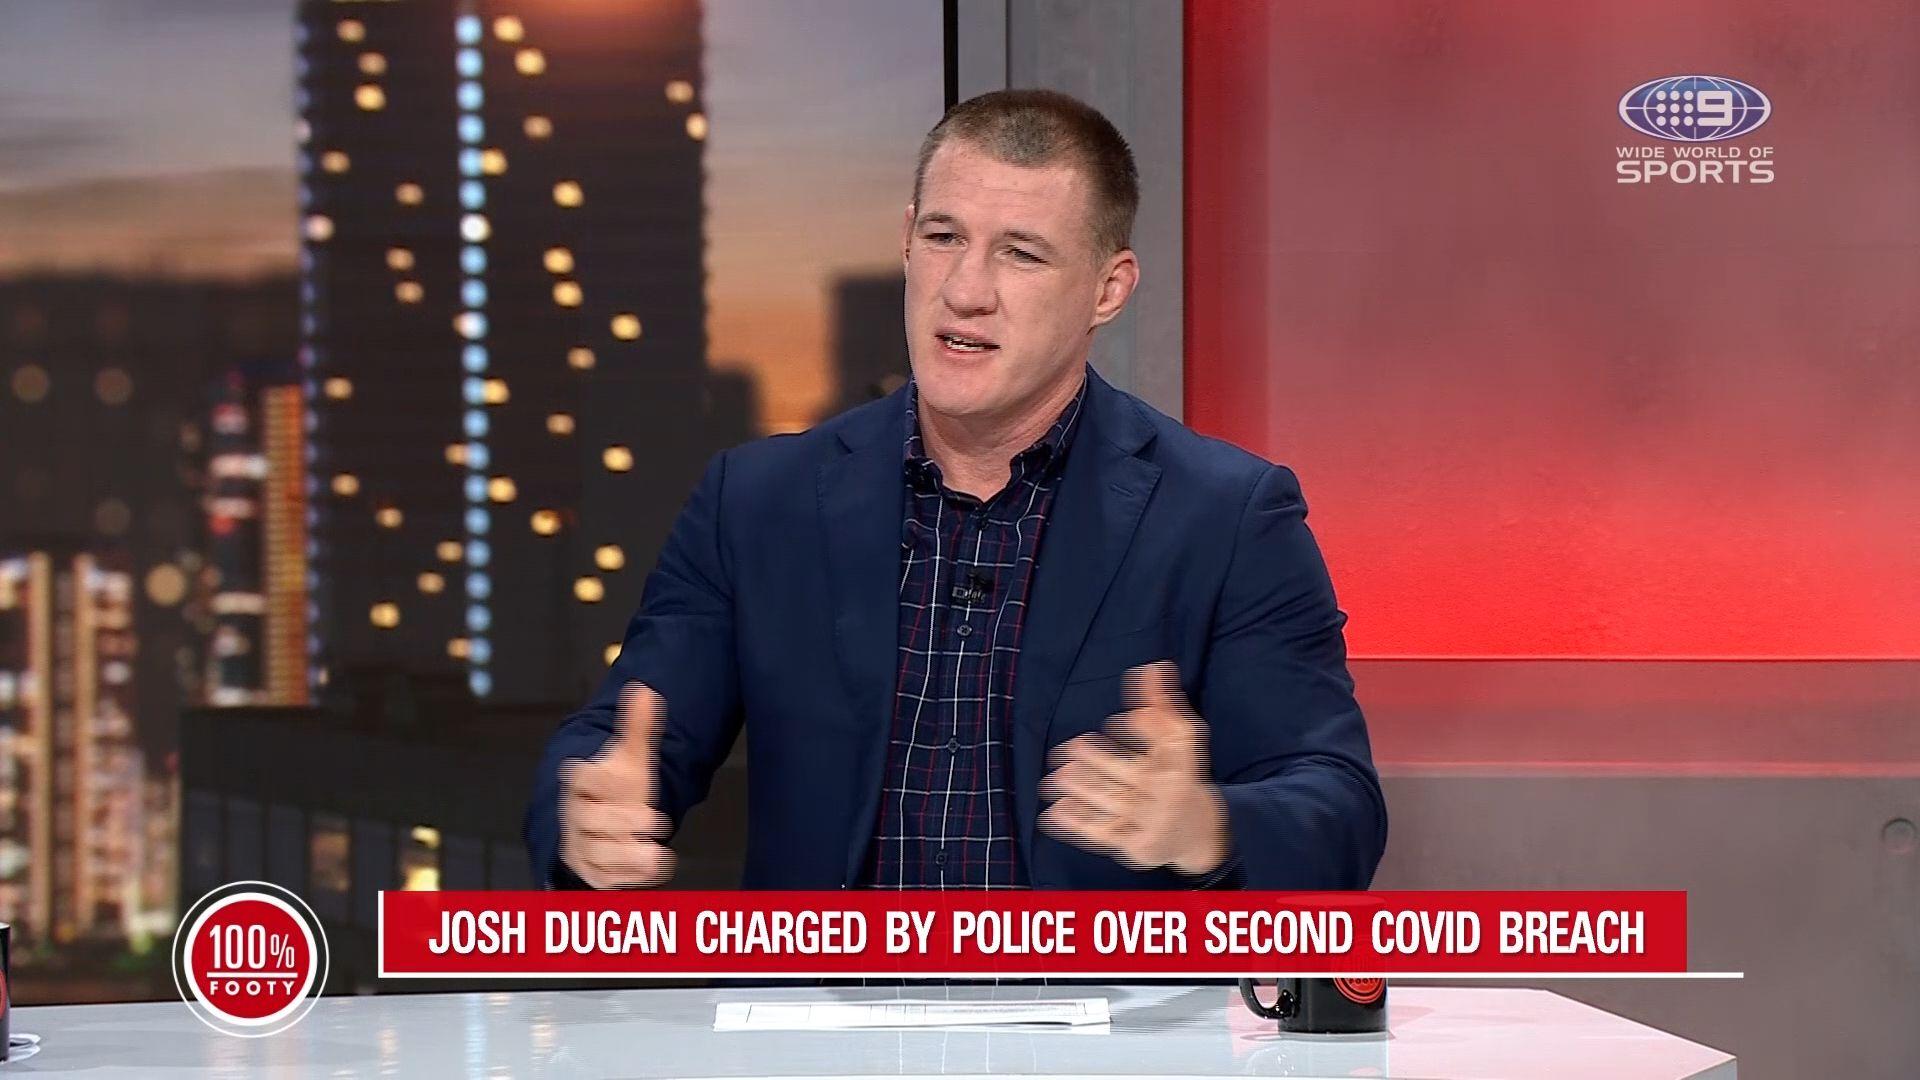 NRL whacks Josh Dugan with massive fine for second breach of COVID-19 protocols